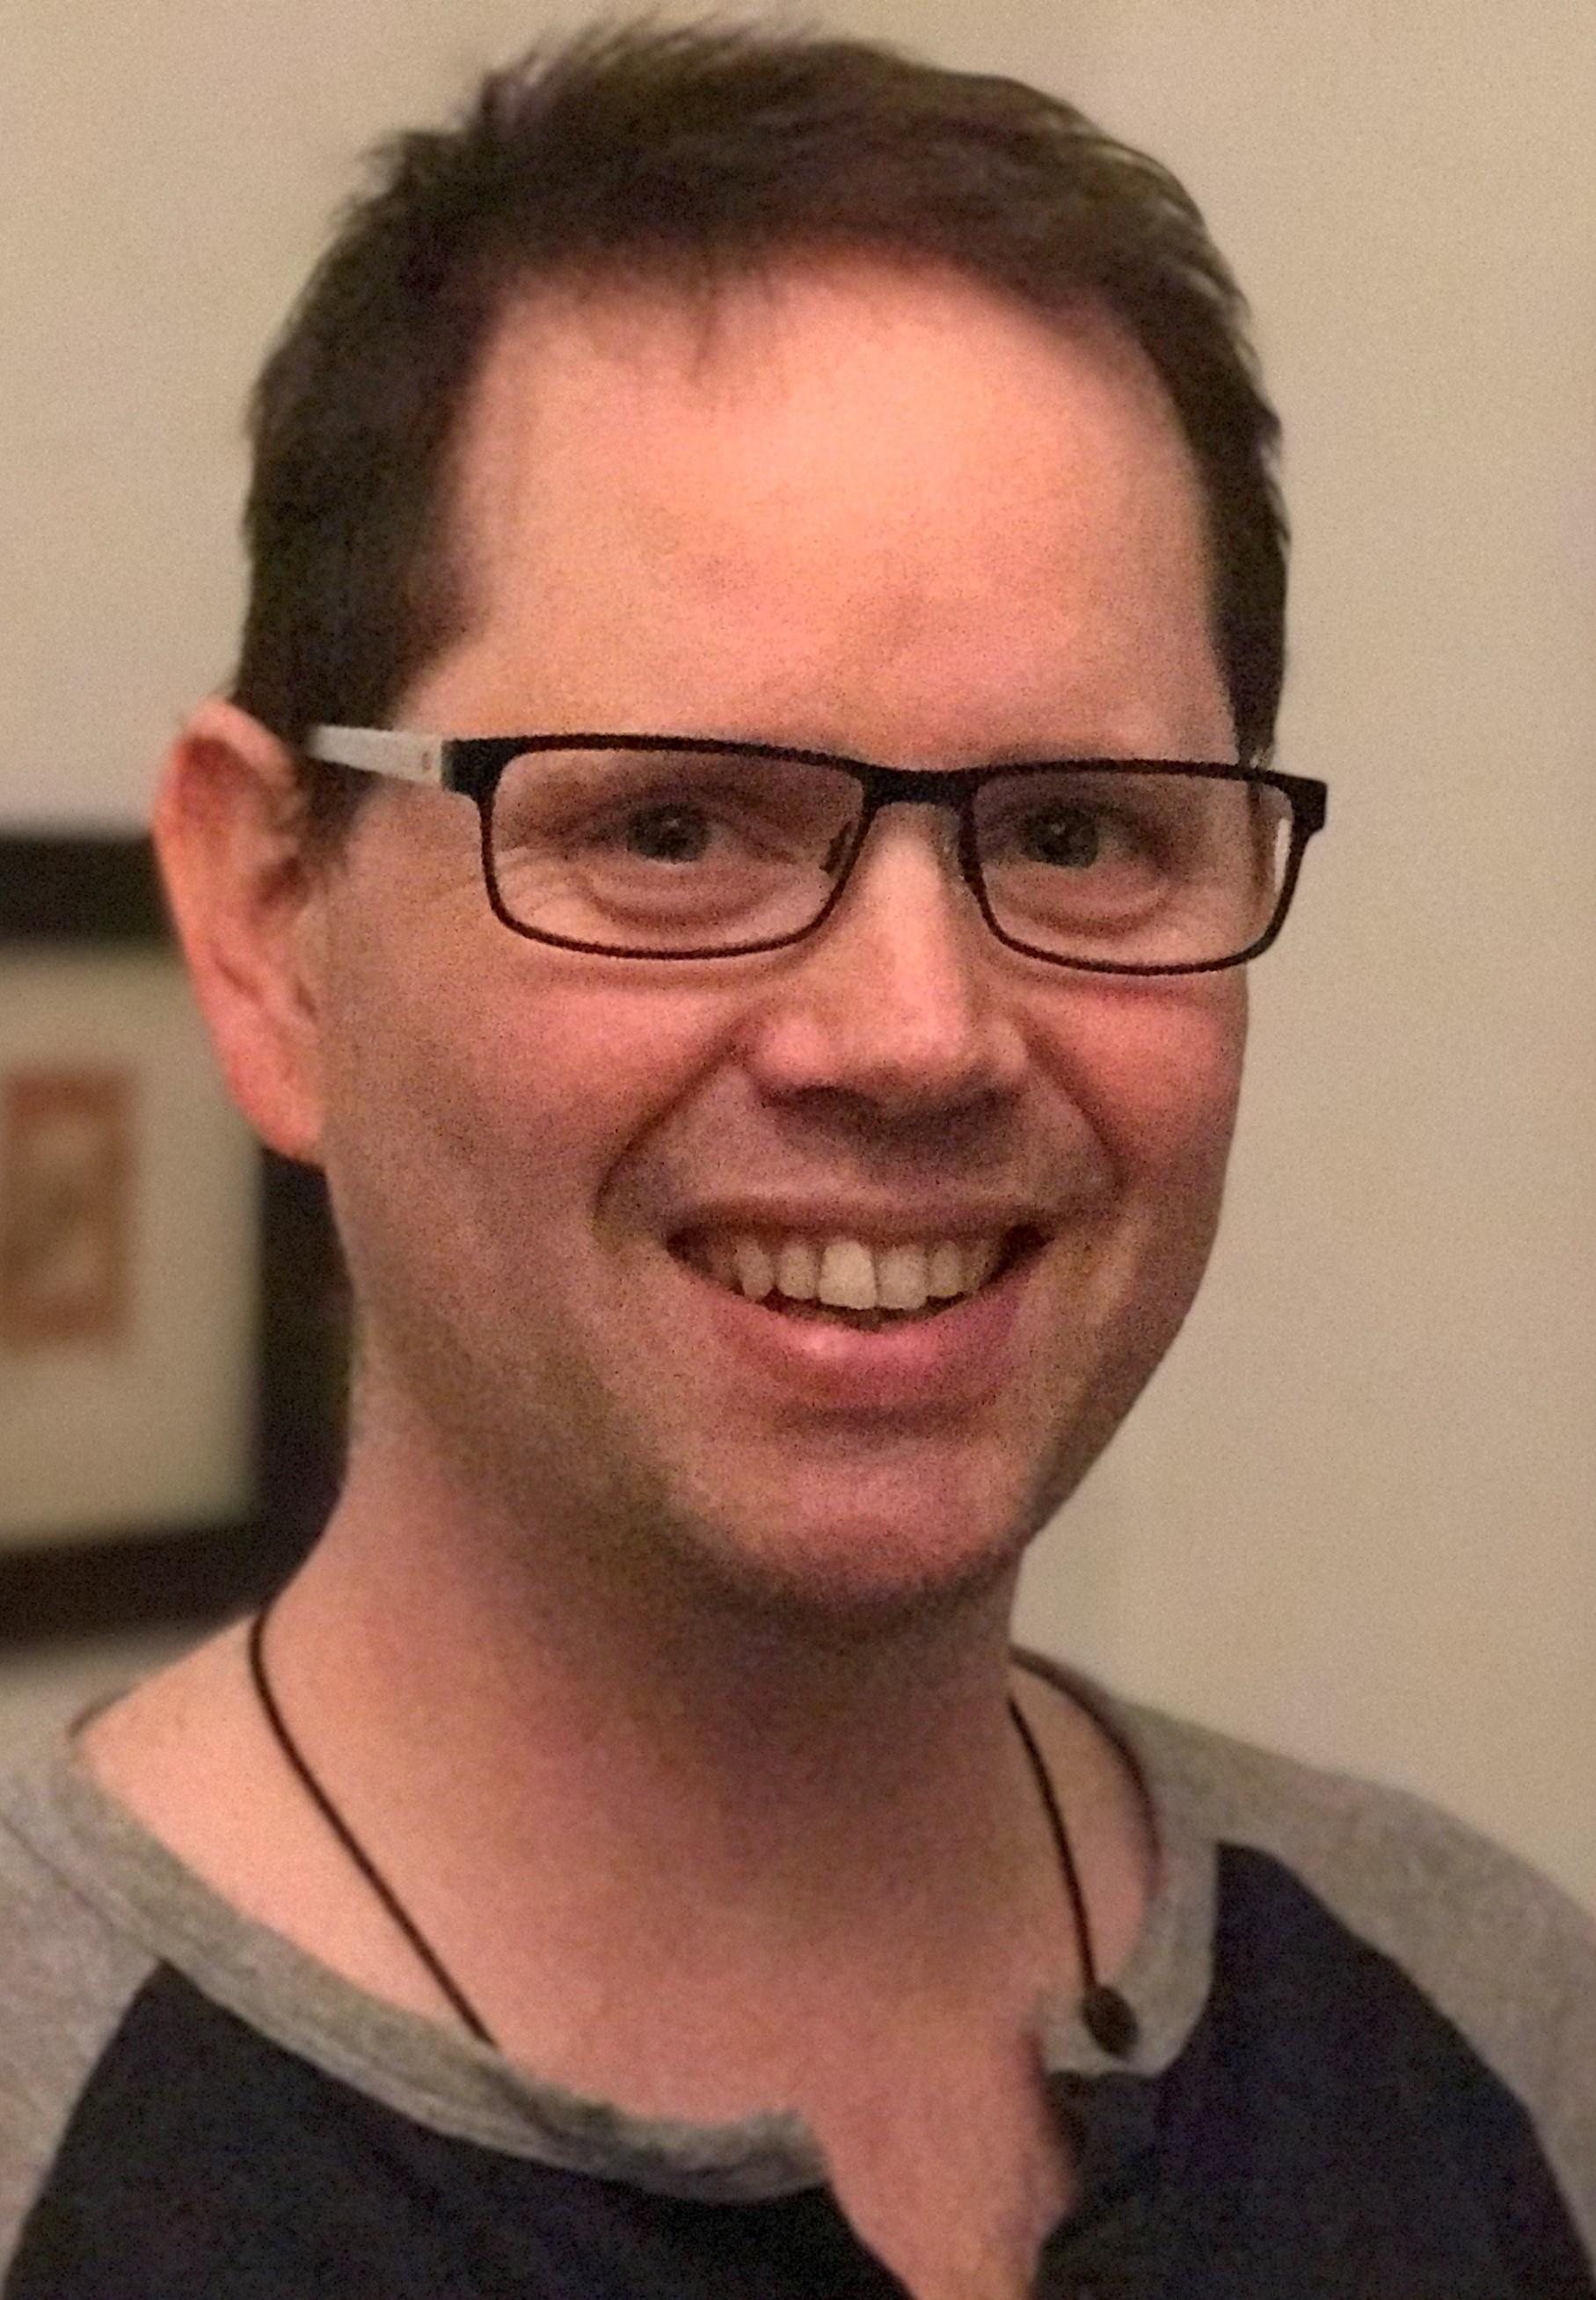 Samuel Gibbons